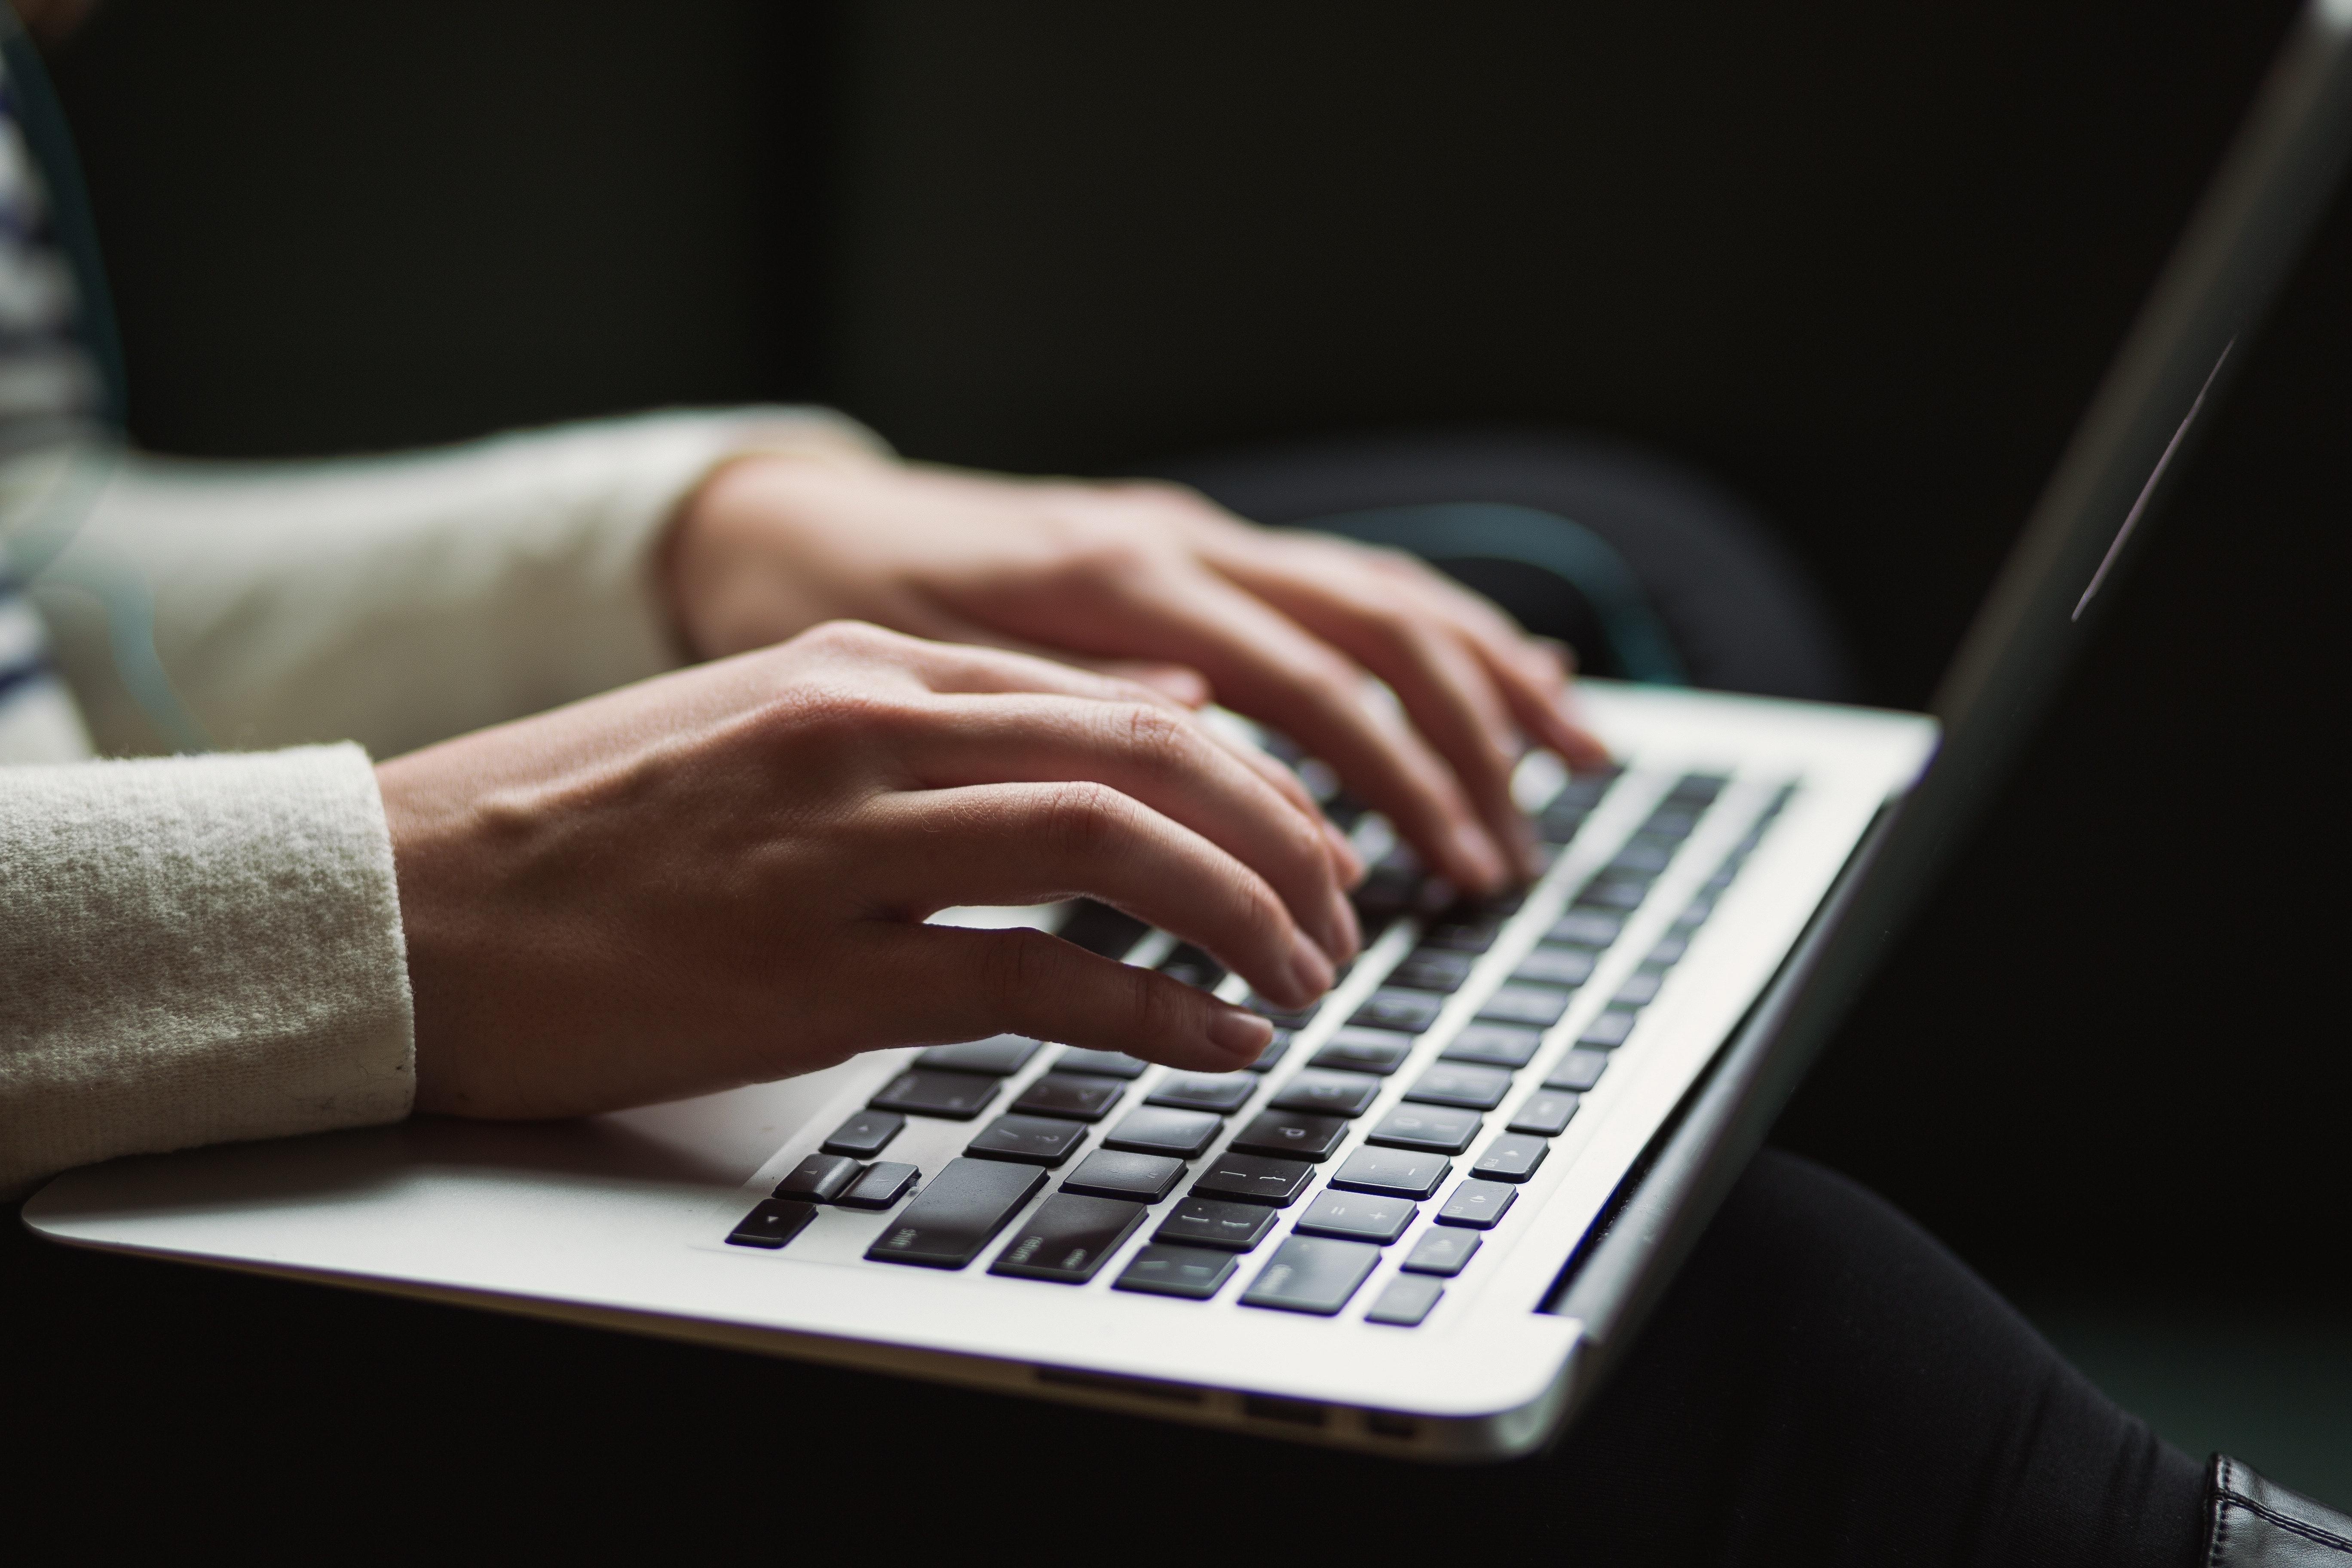 Laptop symbolbild postdoc bewerbung.d4496d499c42941817ba8ee44e5db300c